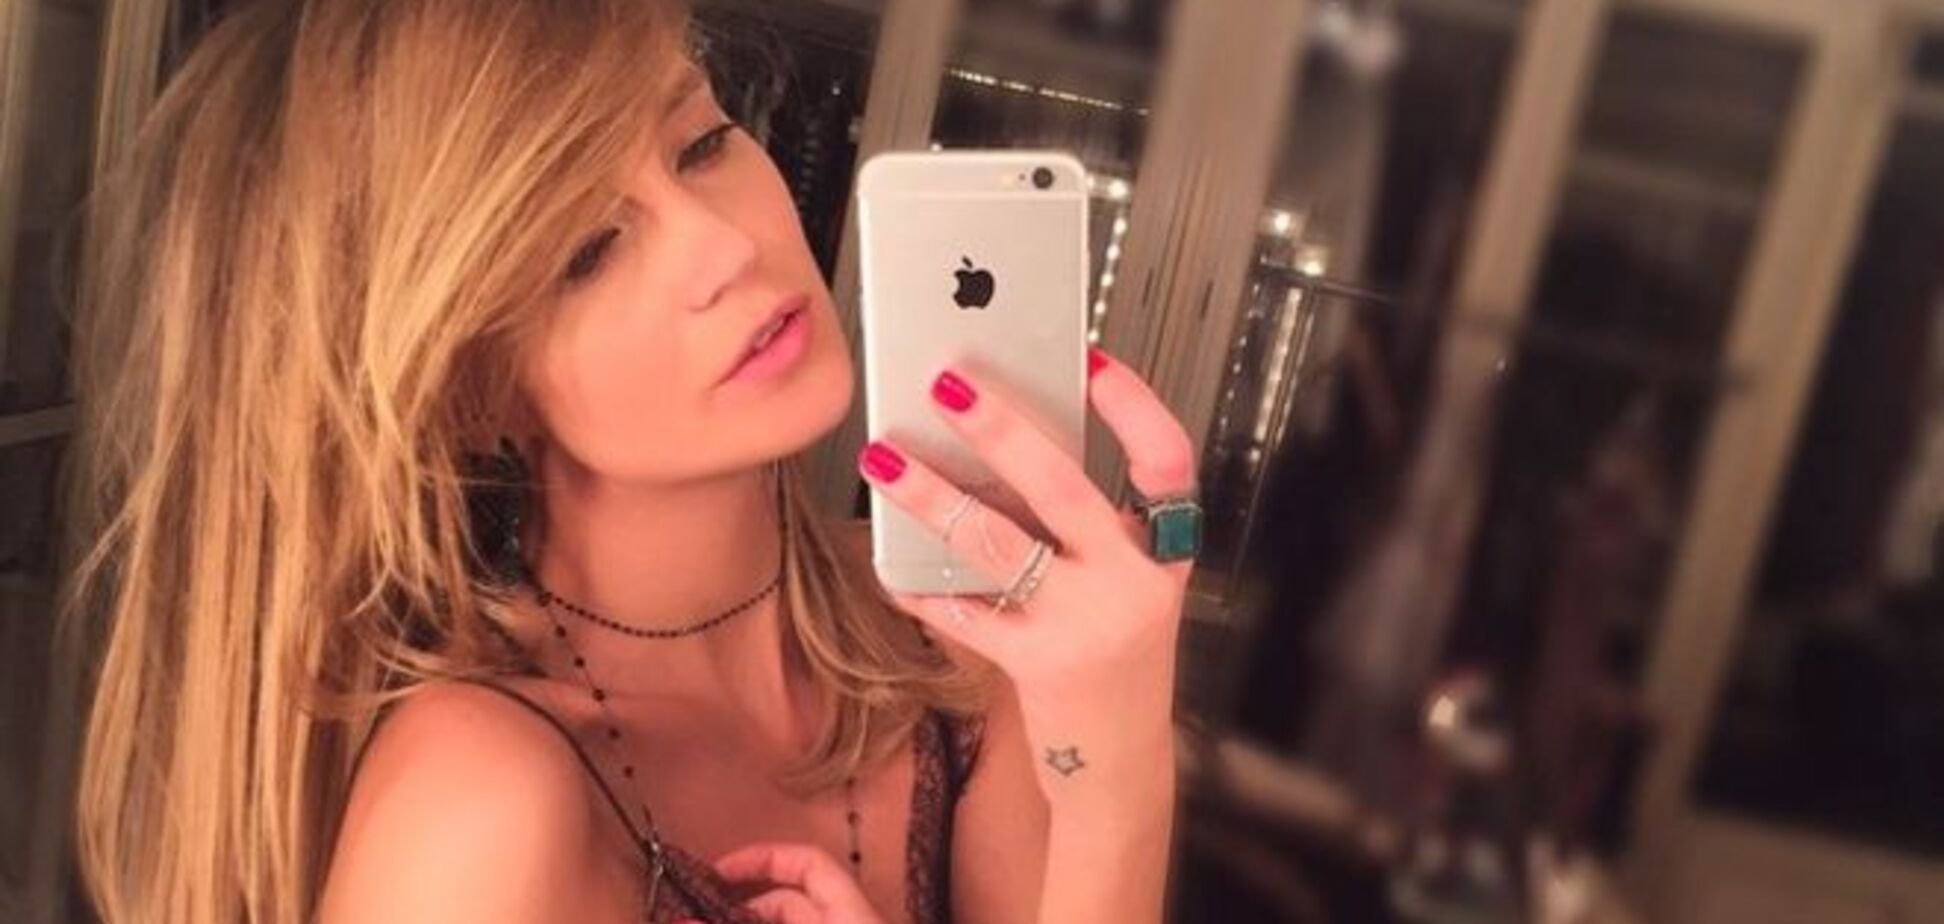 Певицу Глюкозу раскритиковали за 'сексуальную ночнушку' вместо платья